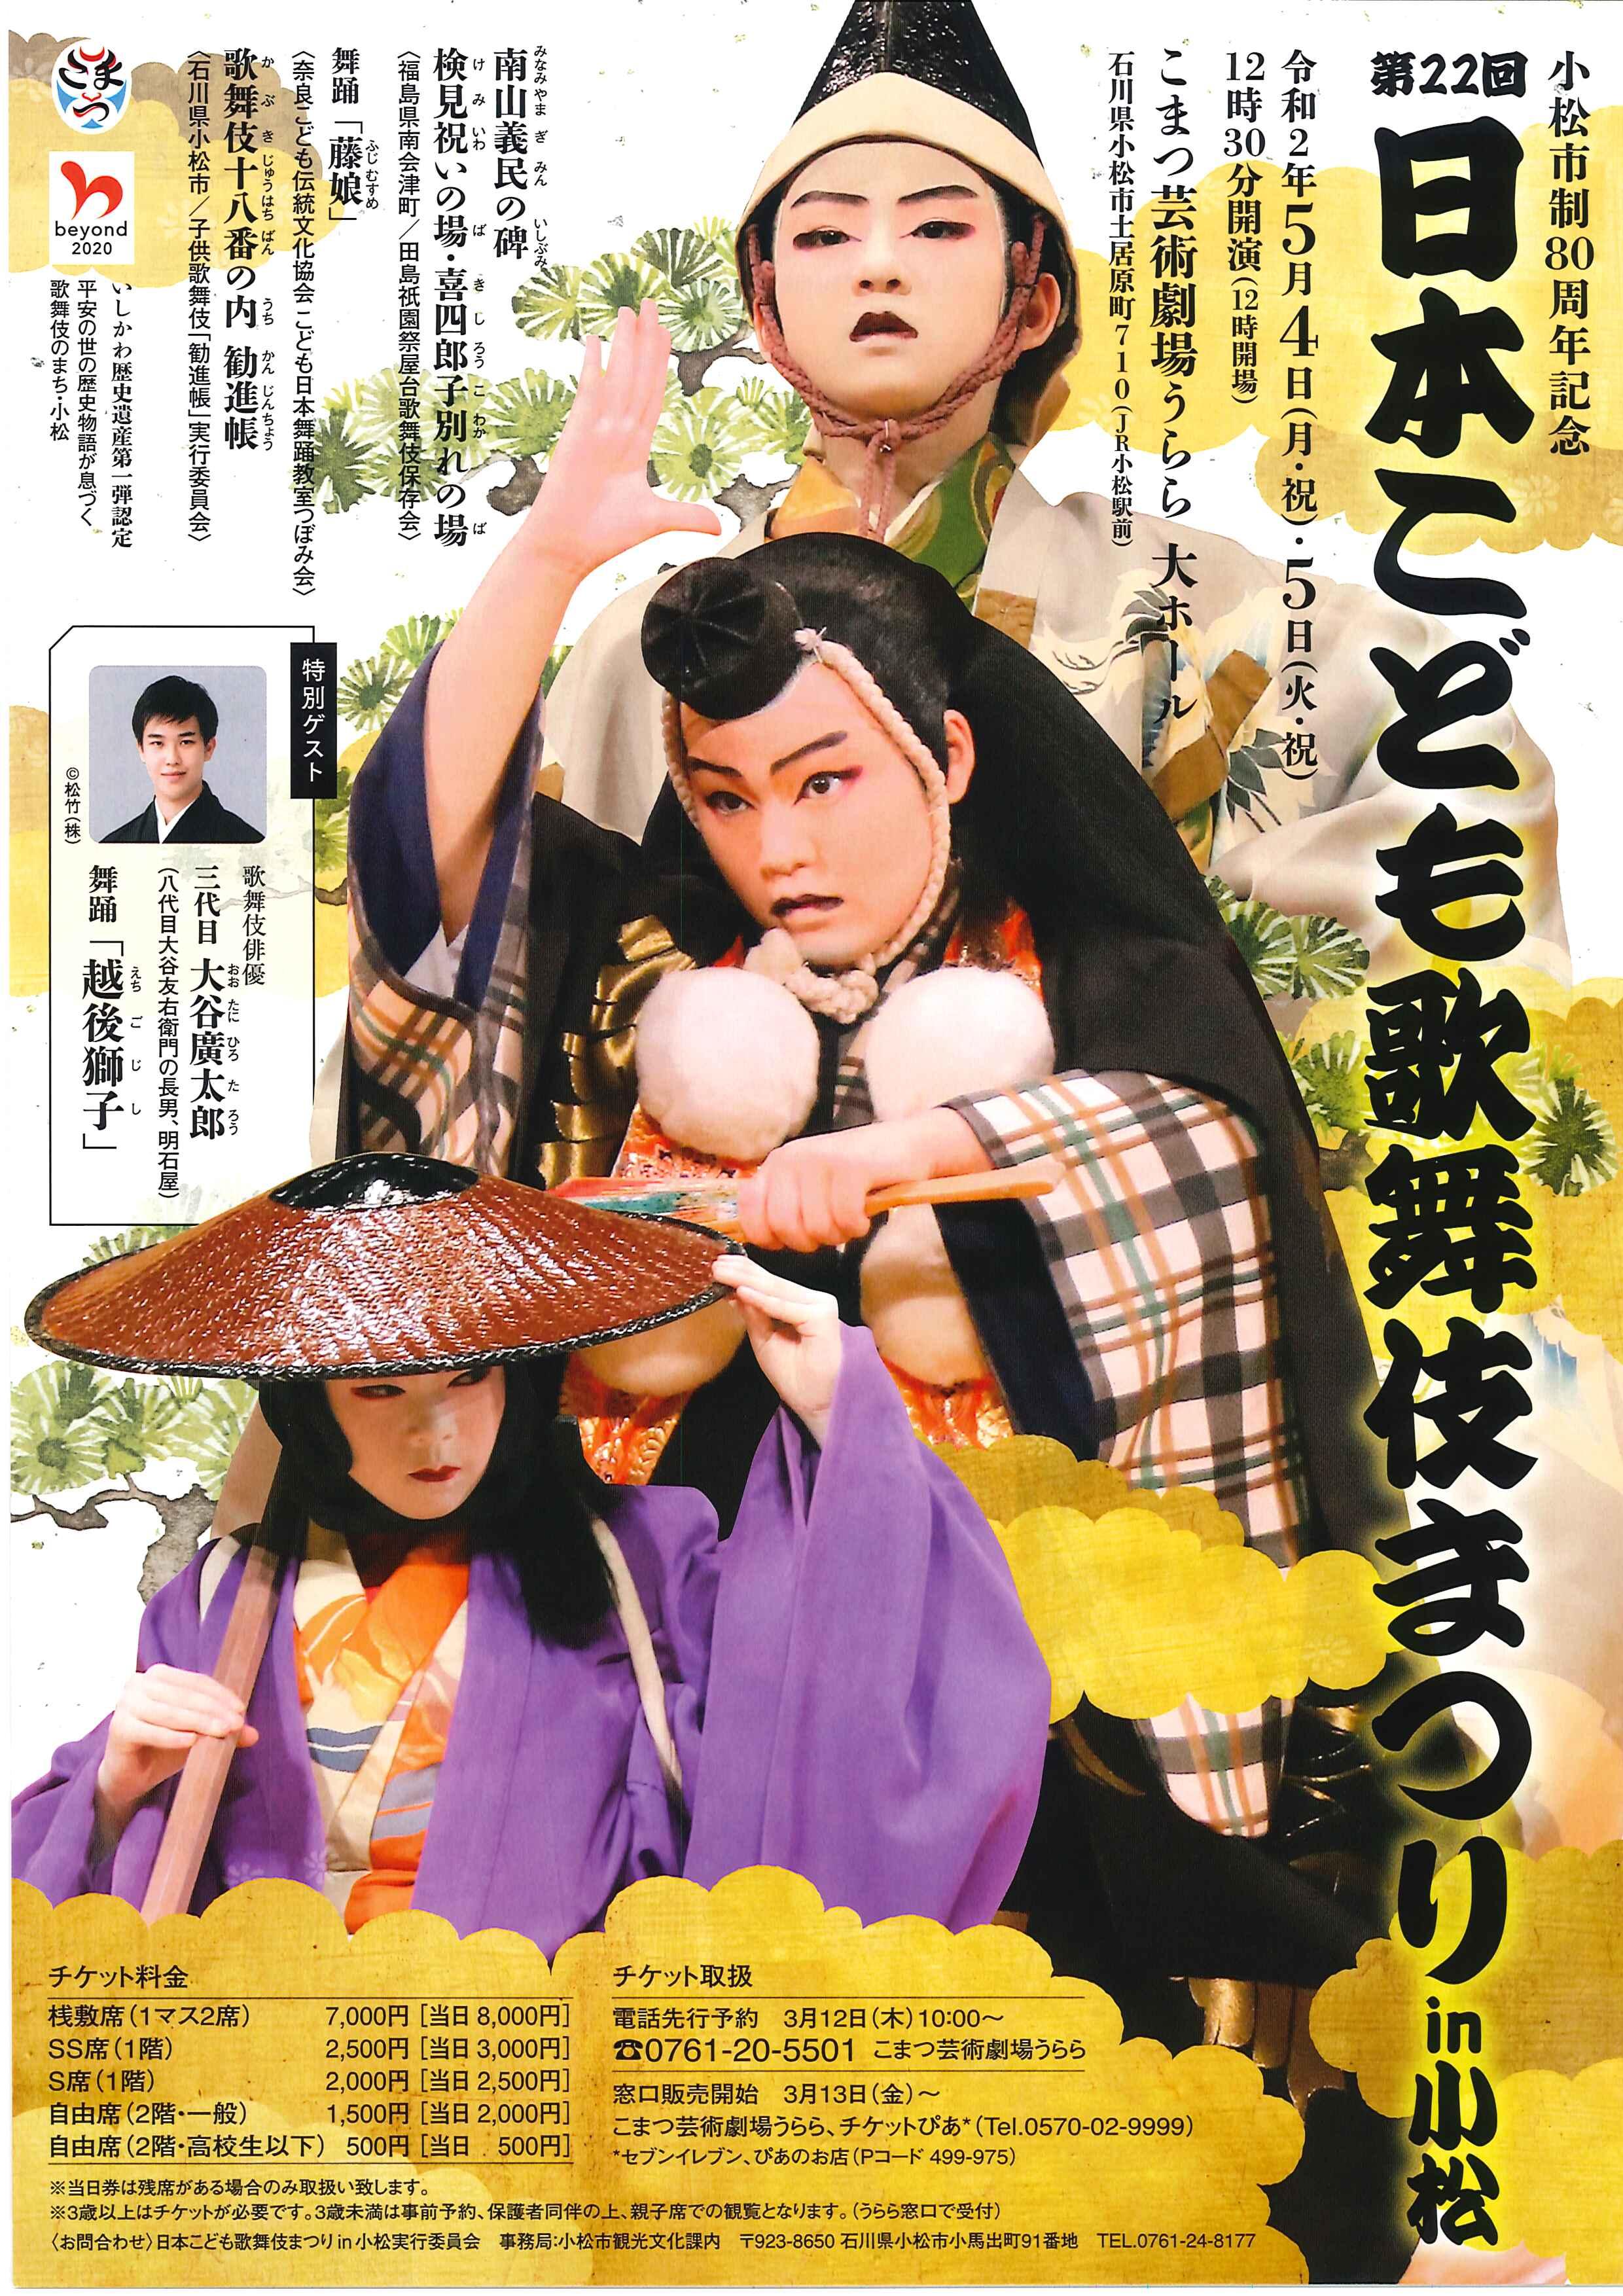 開催延期】第22回日本こども歌舞伎まつりin小松 - イベント|石川県 ...